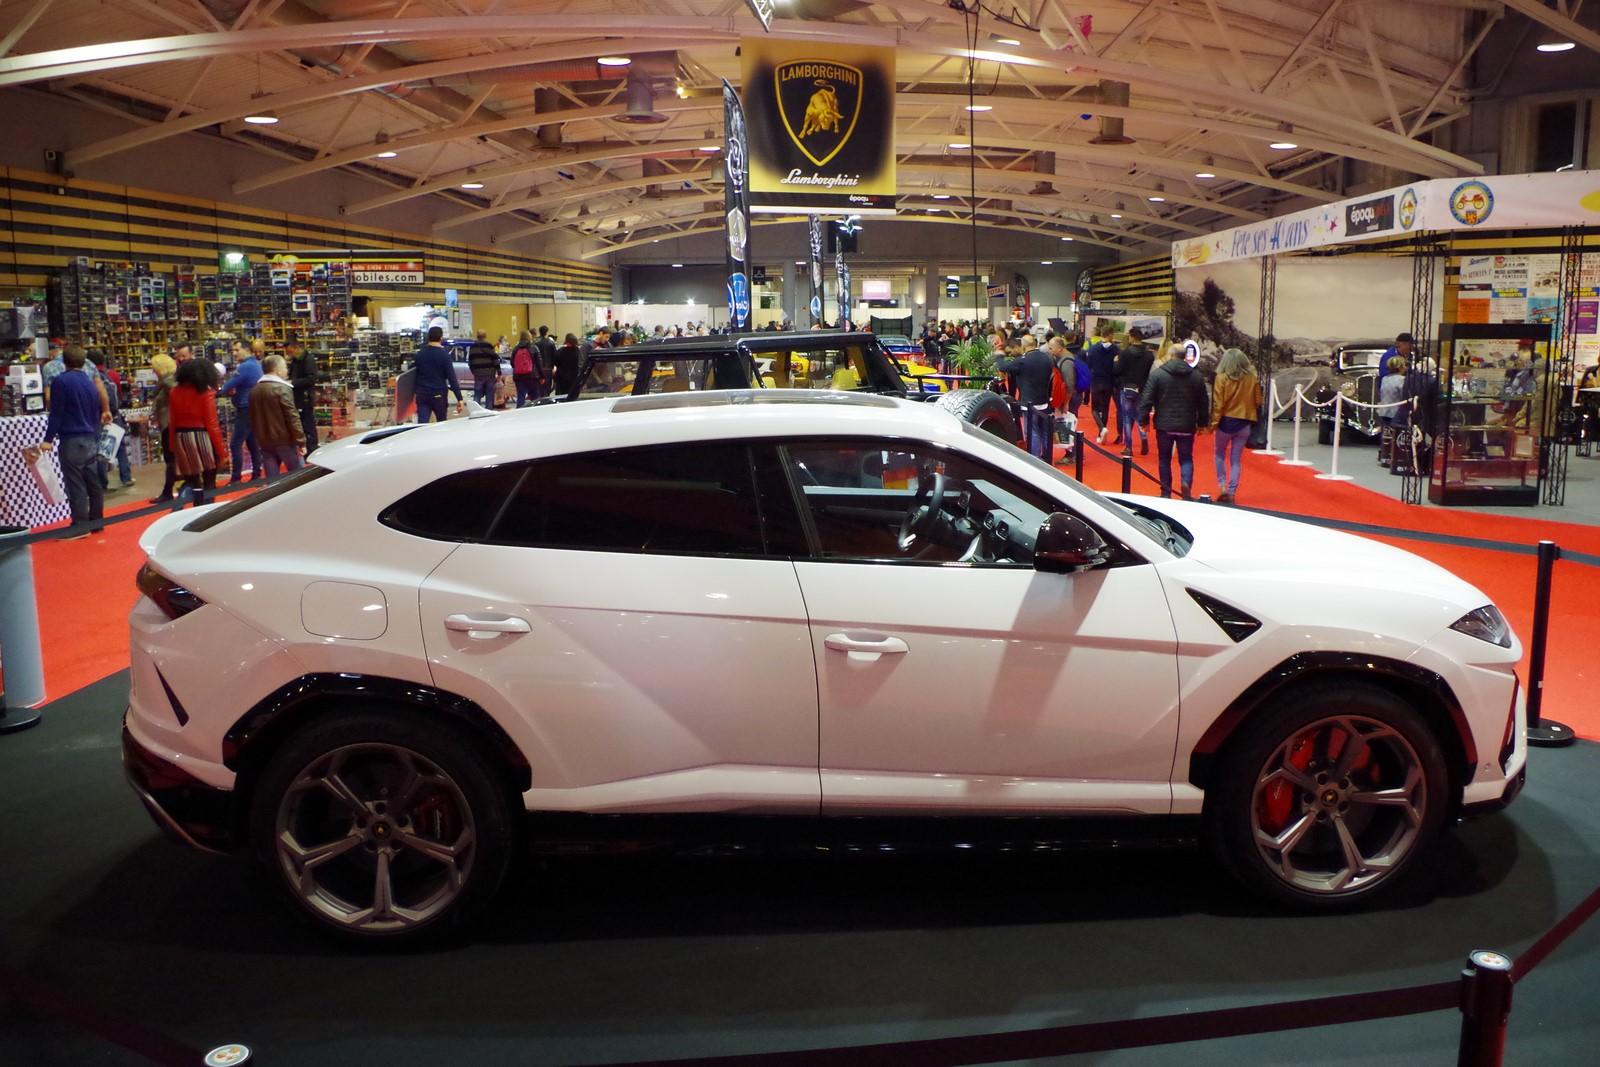 Exposition Lamborghini EpoquAuto 2018 50